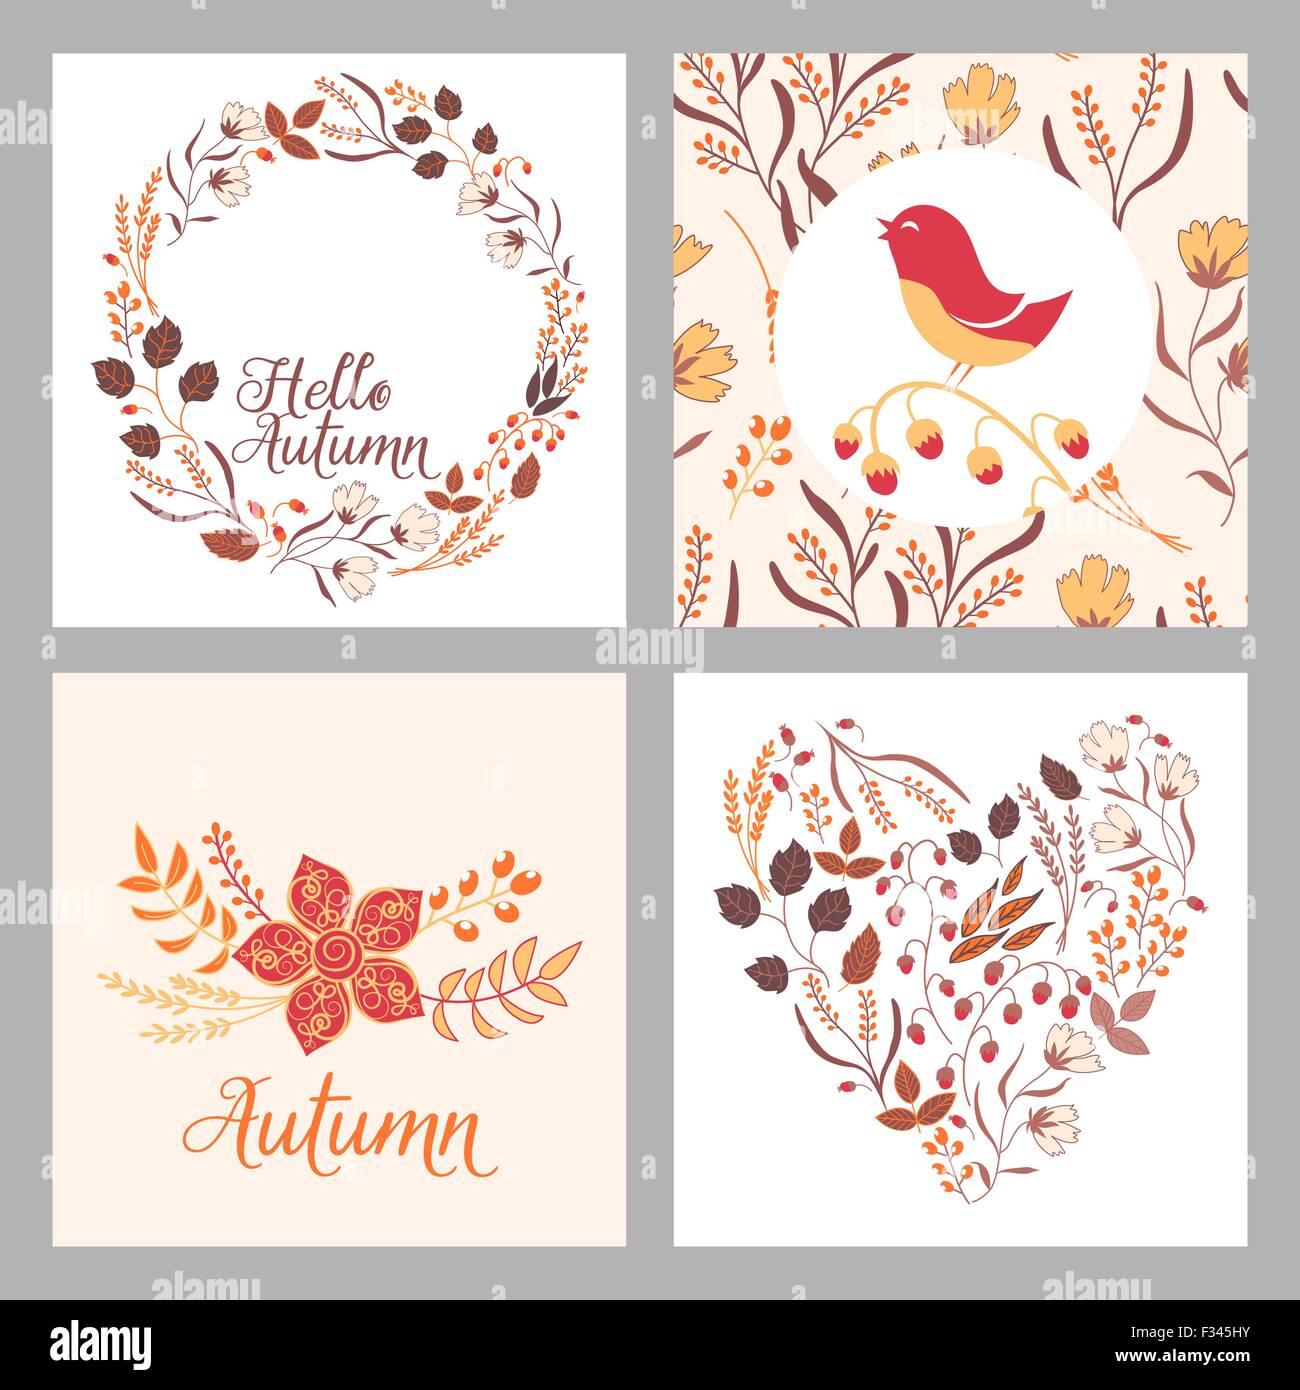 Herbst Hochzeit Grafik Set Mit Kranze Herzen Einladung Vorlage In